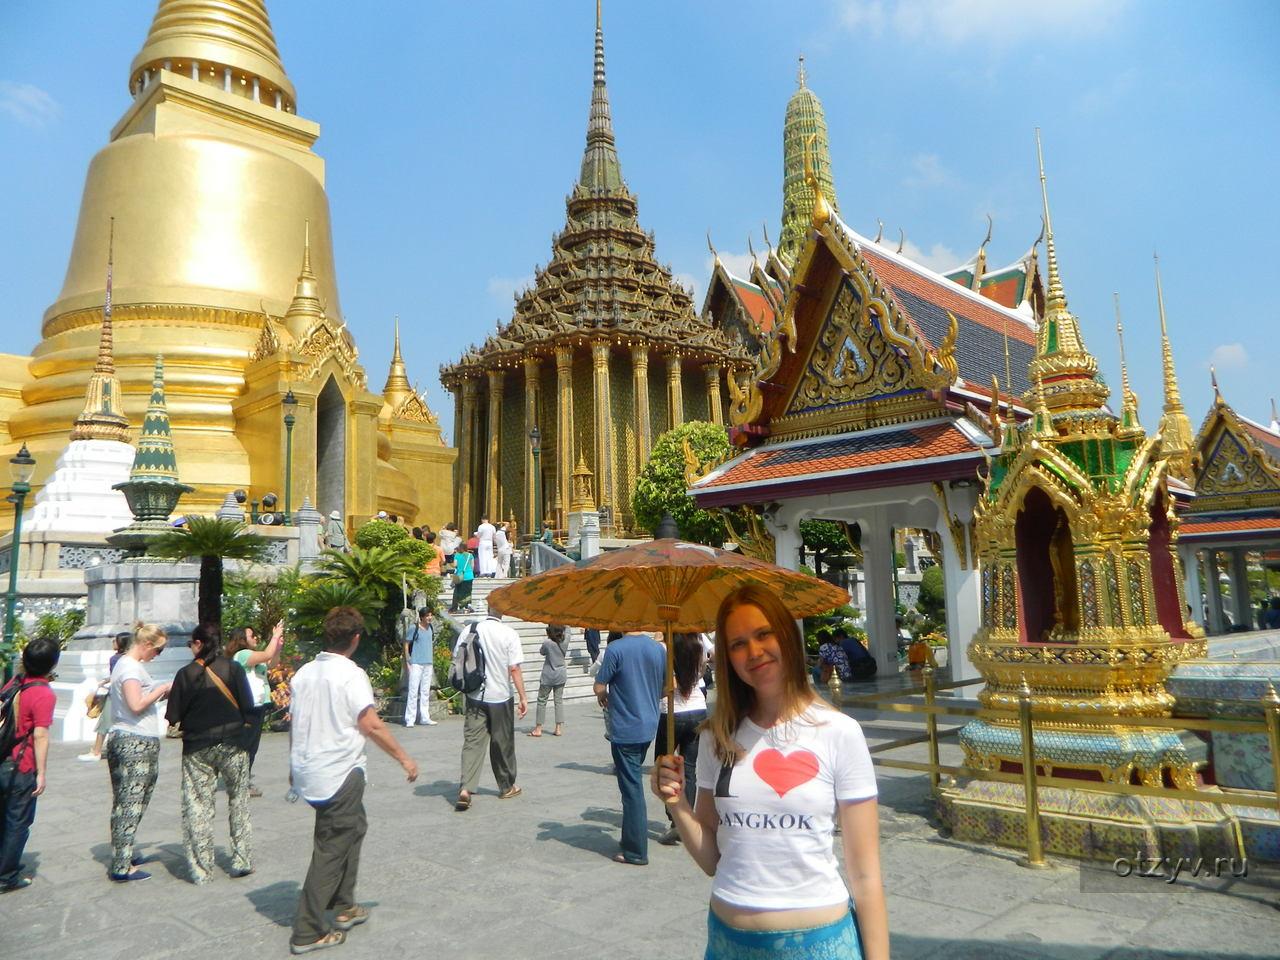 бангкок фото туристов мужские